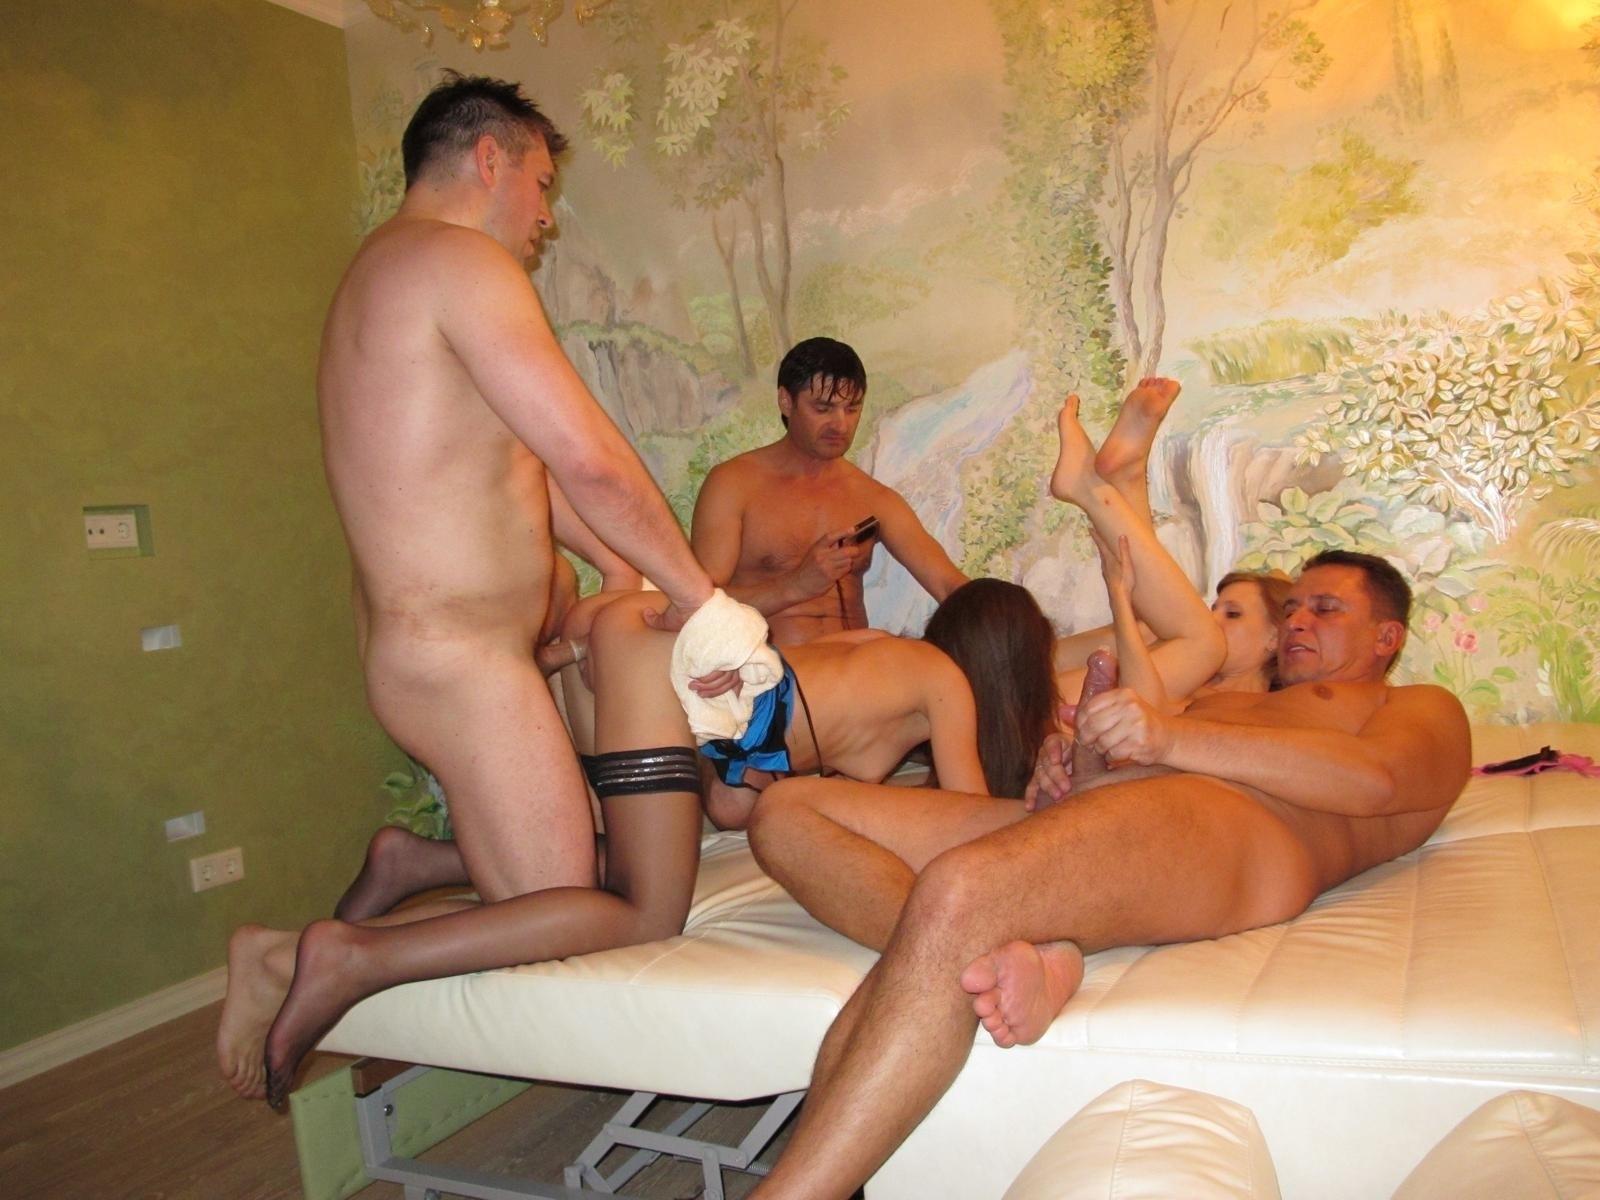 Групповуха порно онлайн групповой секс видео ролики